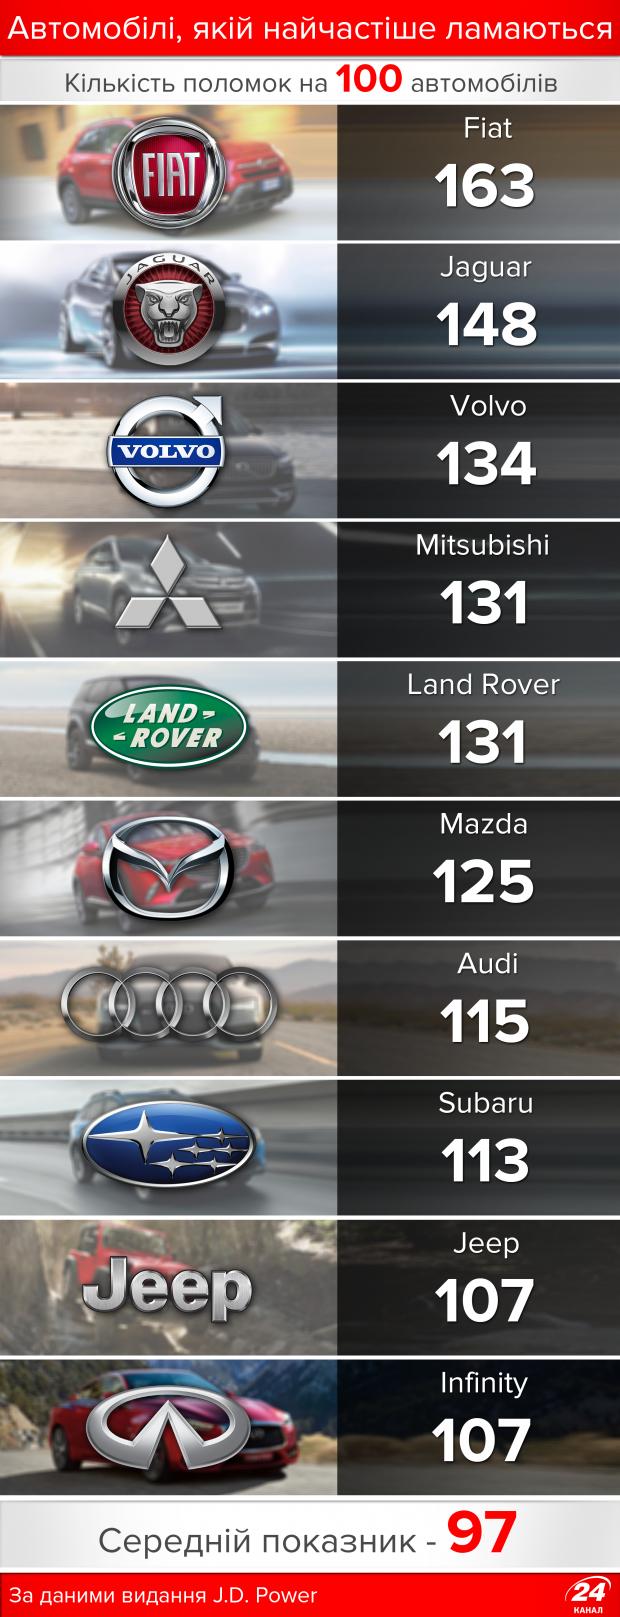 Fiat, Volvo чи Кіа: рейтинг найнадійніших автомобілів у інфографіці, фото-2